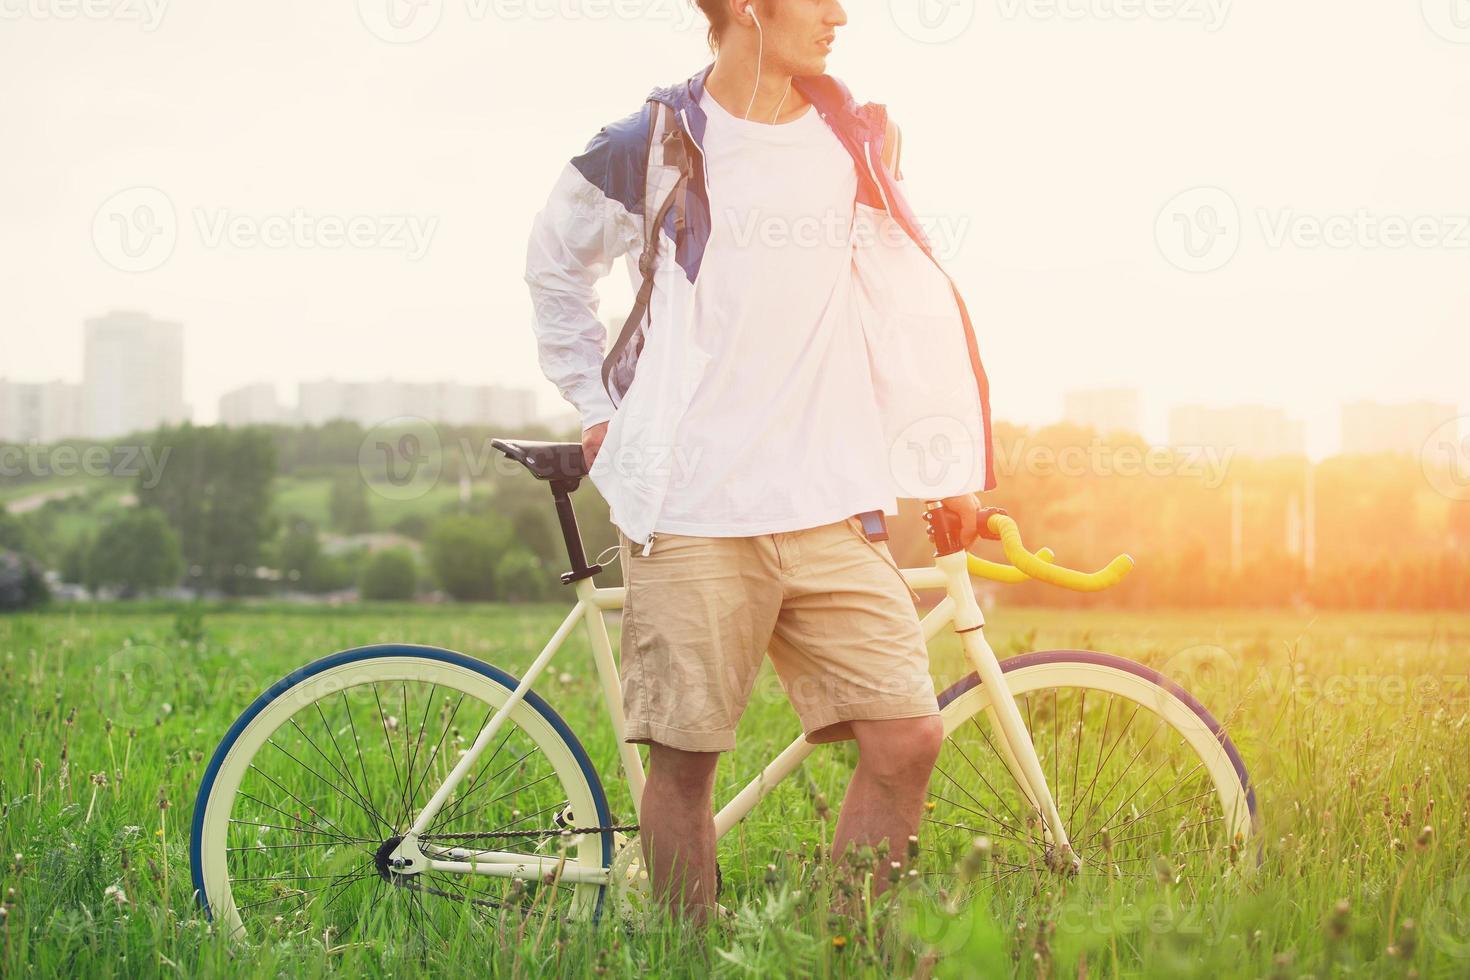 homme en t-shirt blanc avec vélo photo